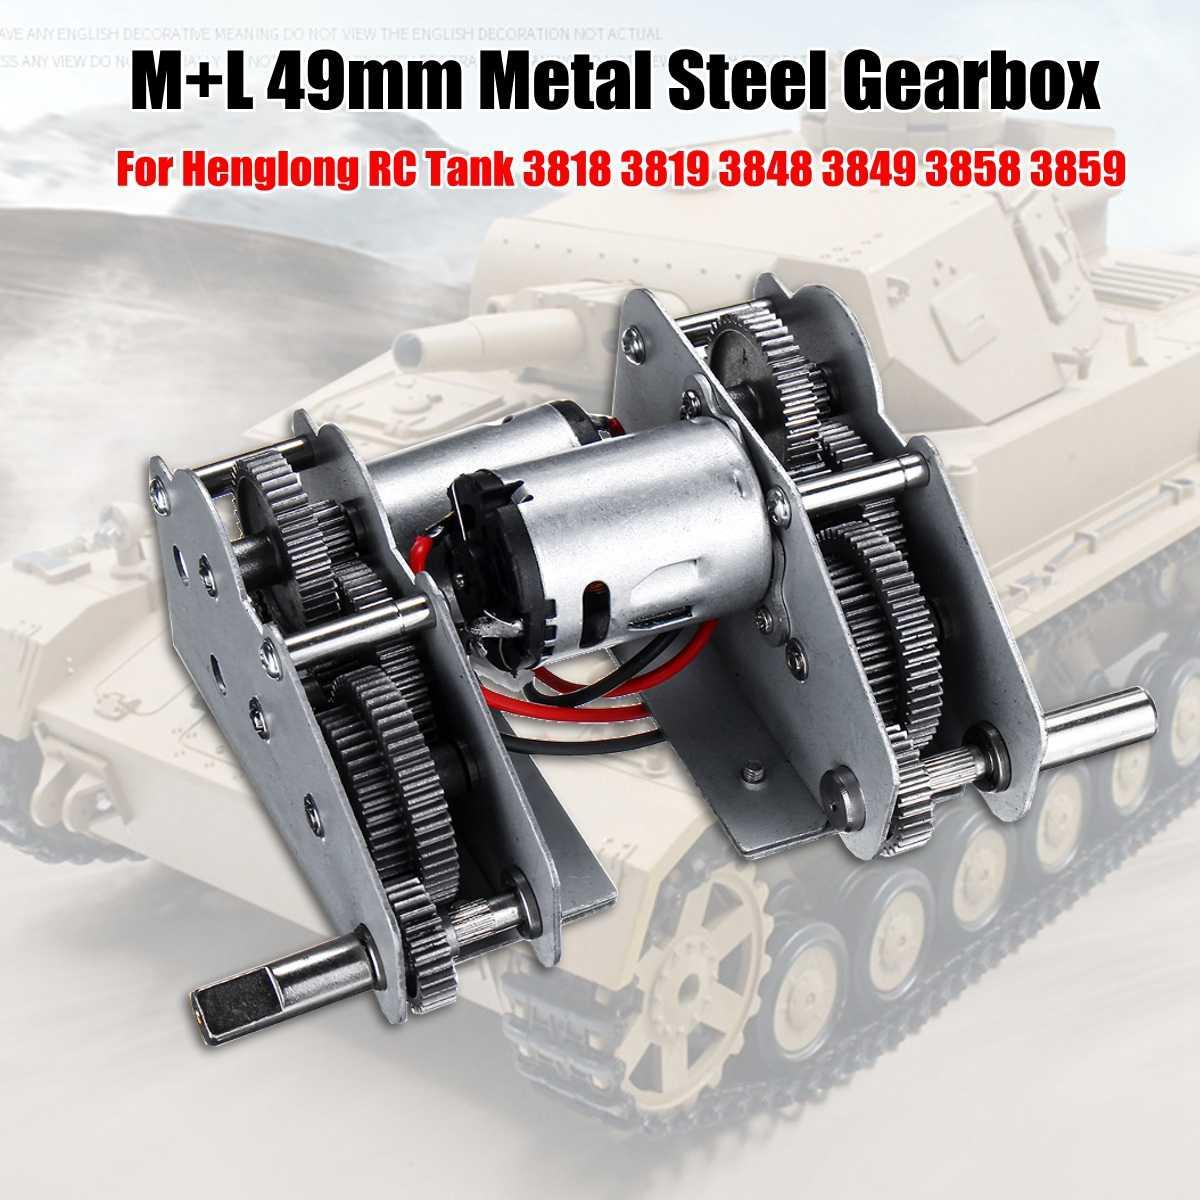 Nuevo diseño para Henglong 3818, 3819, 3848, 3849, 3858, 3859, 3868, 1/16 RC tanque 380/390 motores/acero juego de engranajes/acero con motor 380